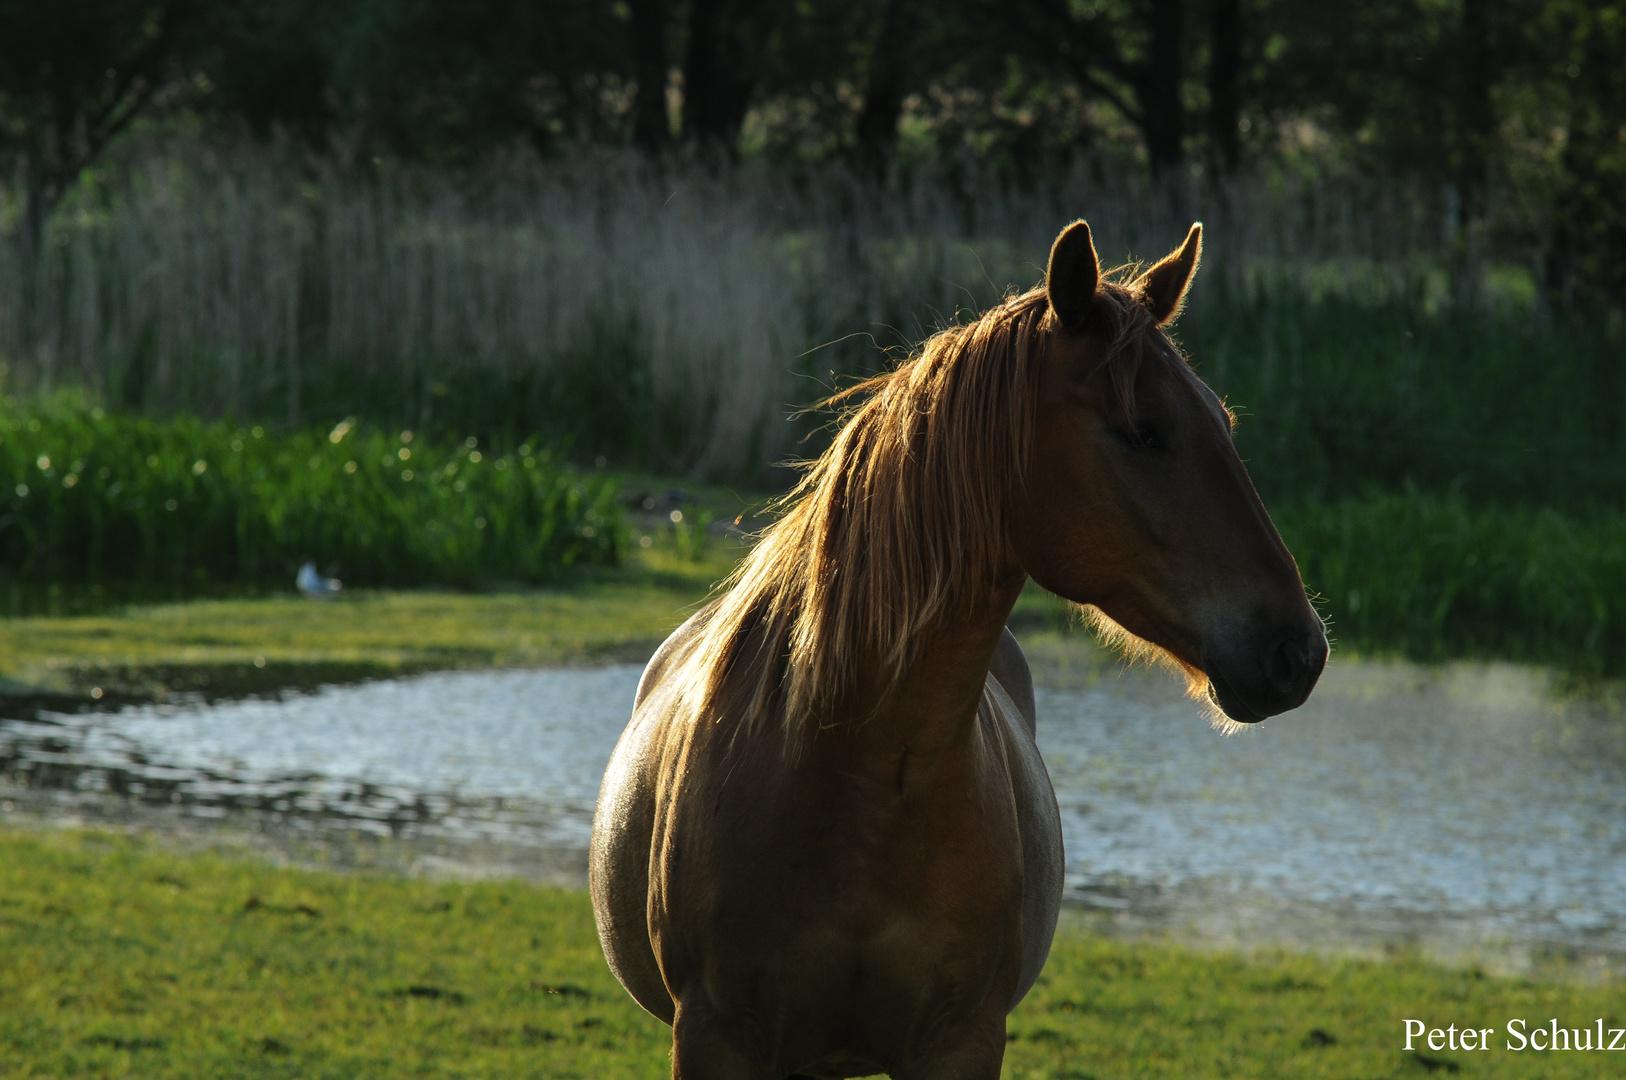 Das Pferd wurde in Sagen schon immer mit Feuer und Wasser in Zusammenhang gebracht.